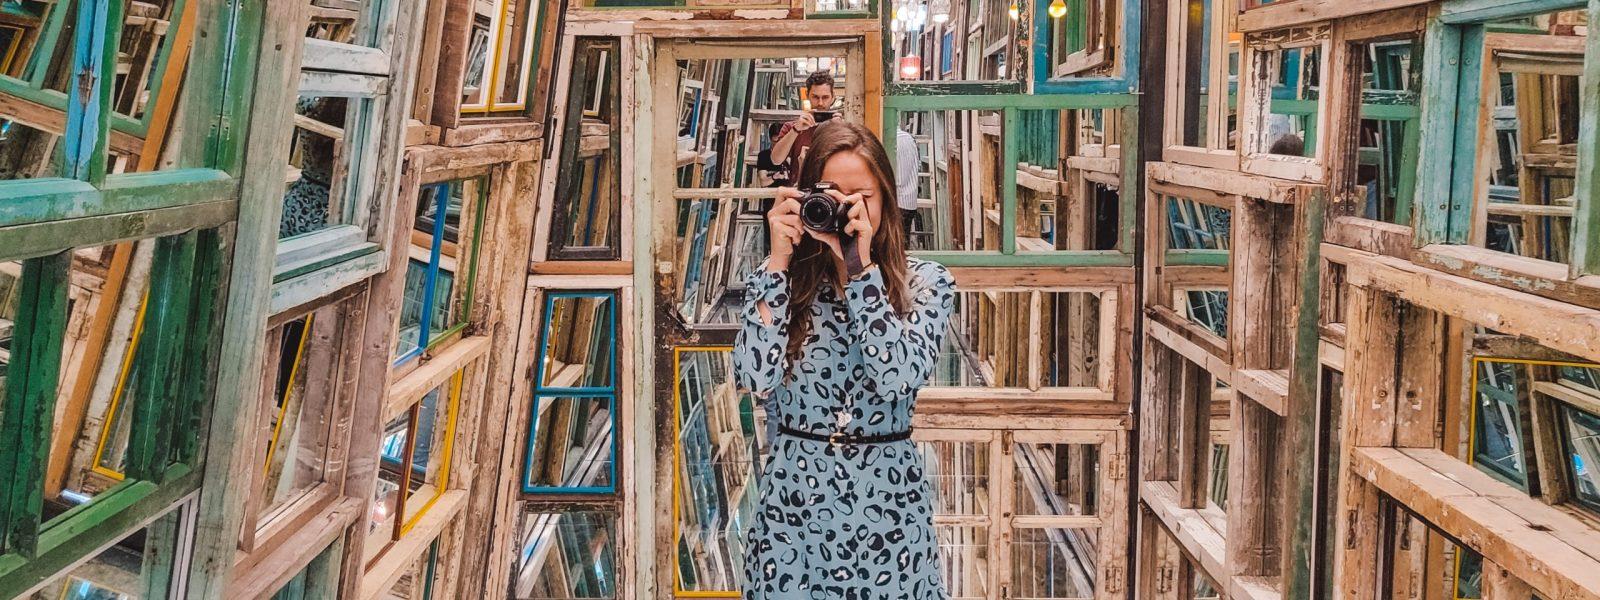 De tofste musea voor moderne kunst in Nederland